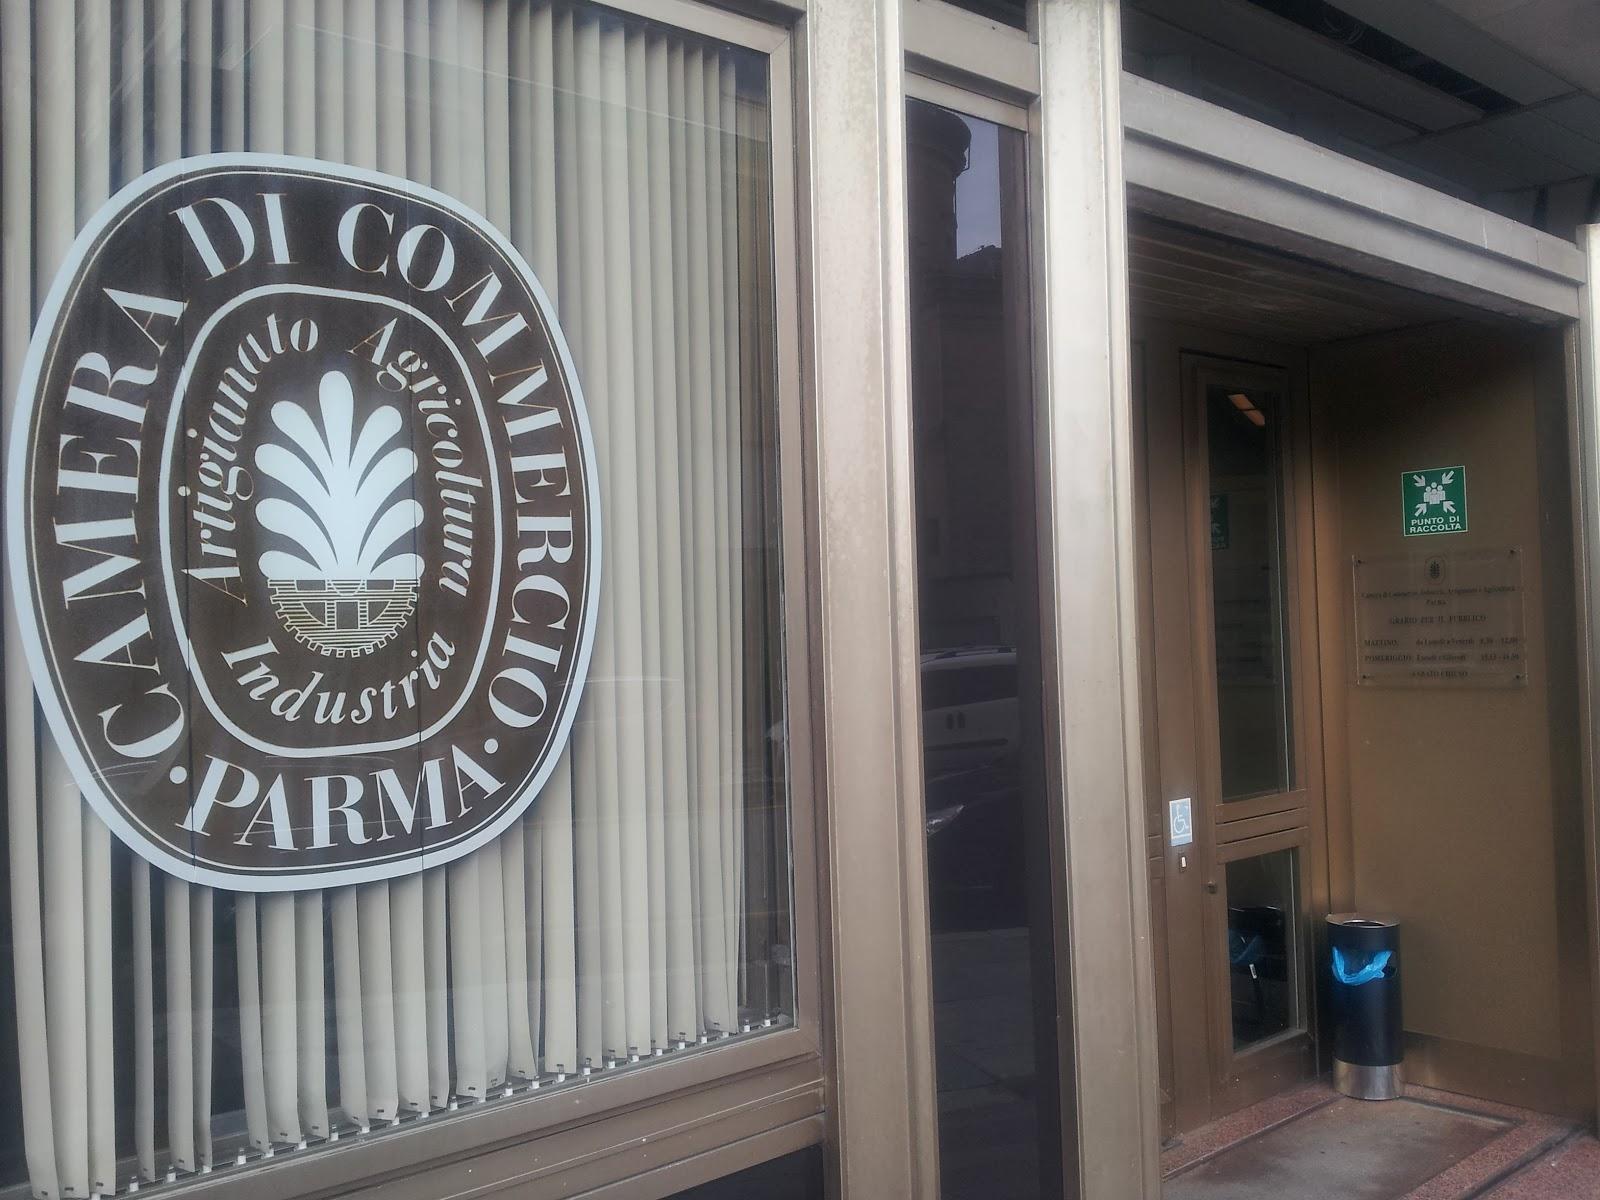 Ingresso Camera di Commercio di Parma